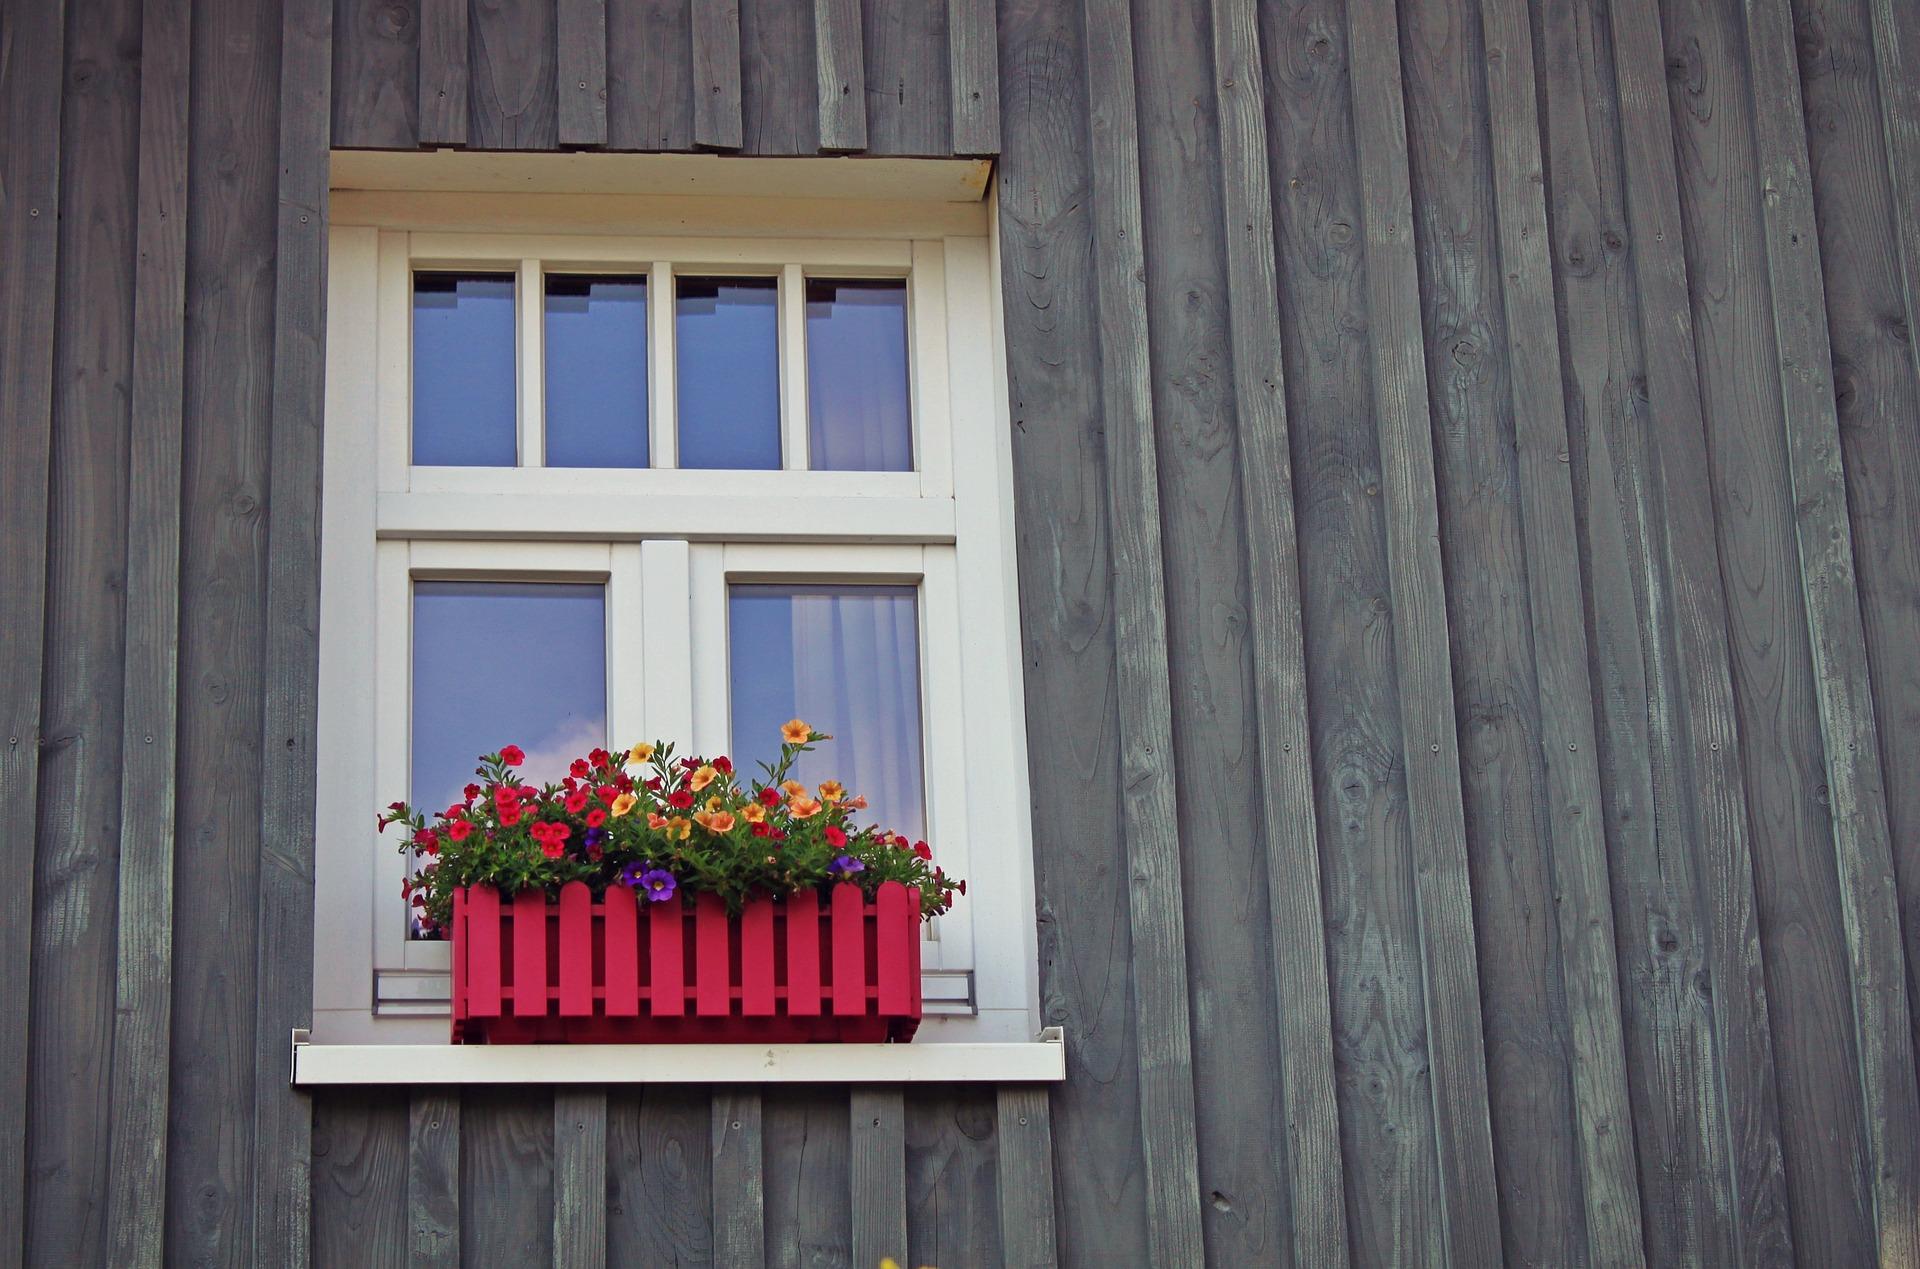 window-1601423_1920.jpg